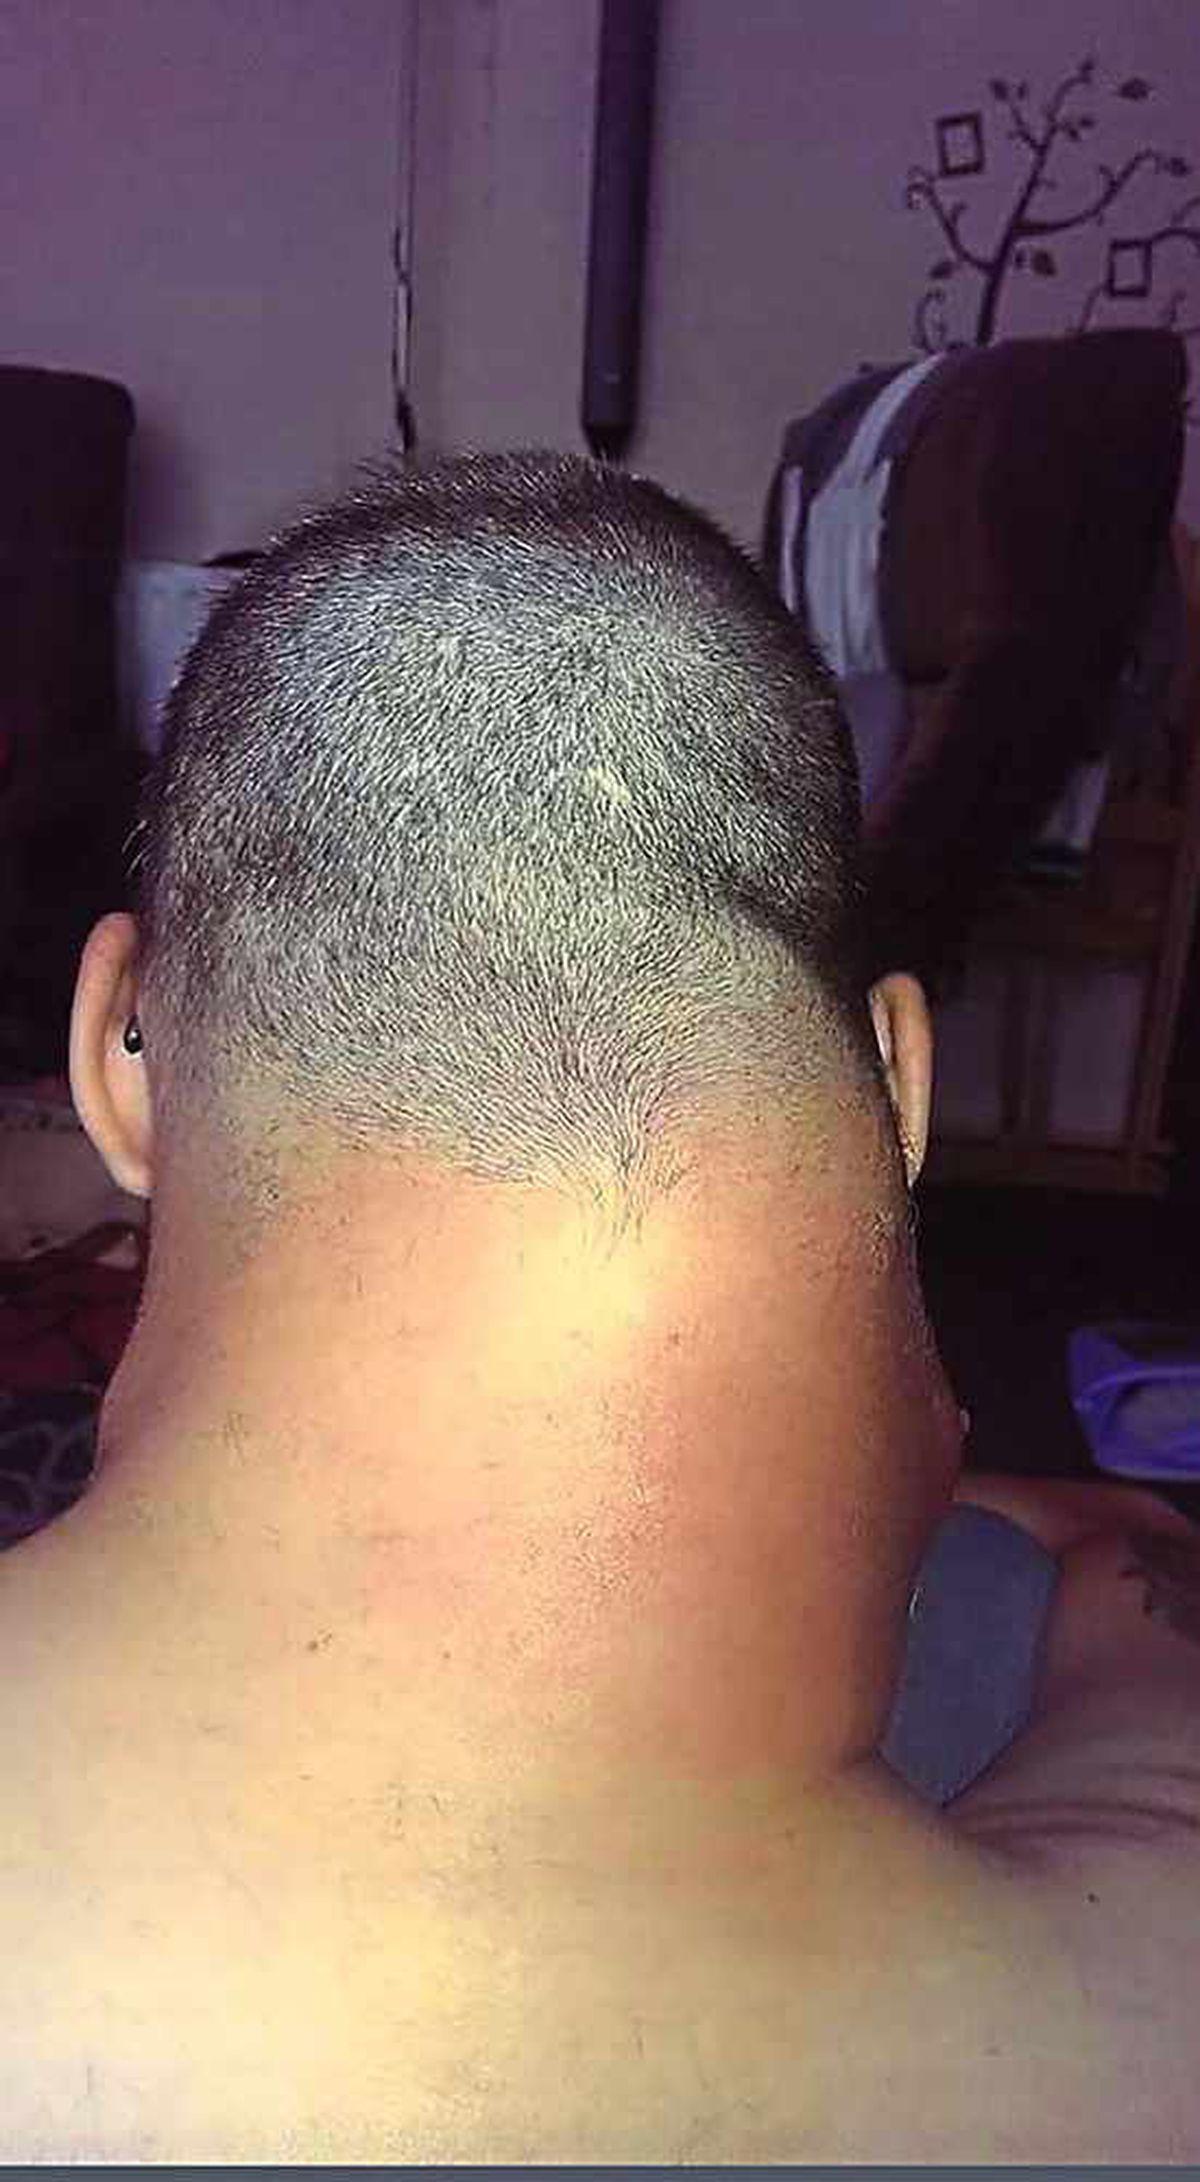 The lump on Simon's neck